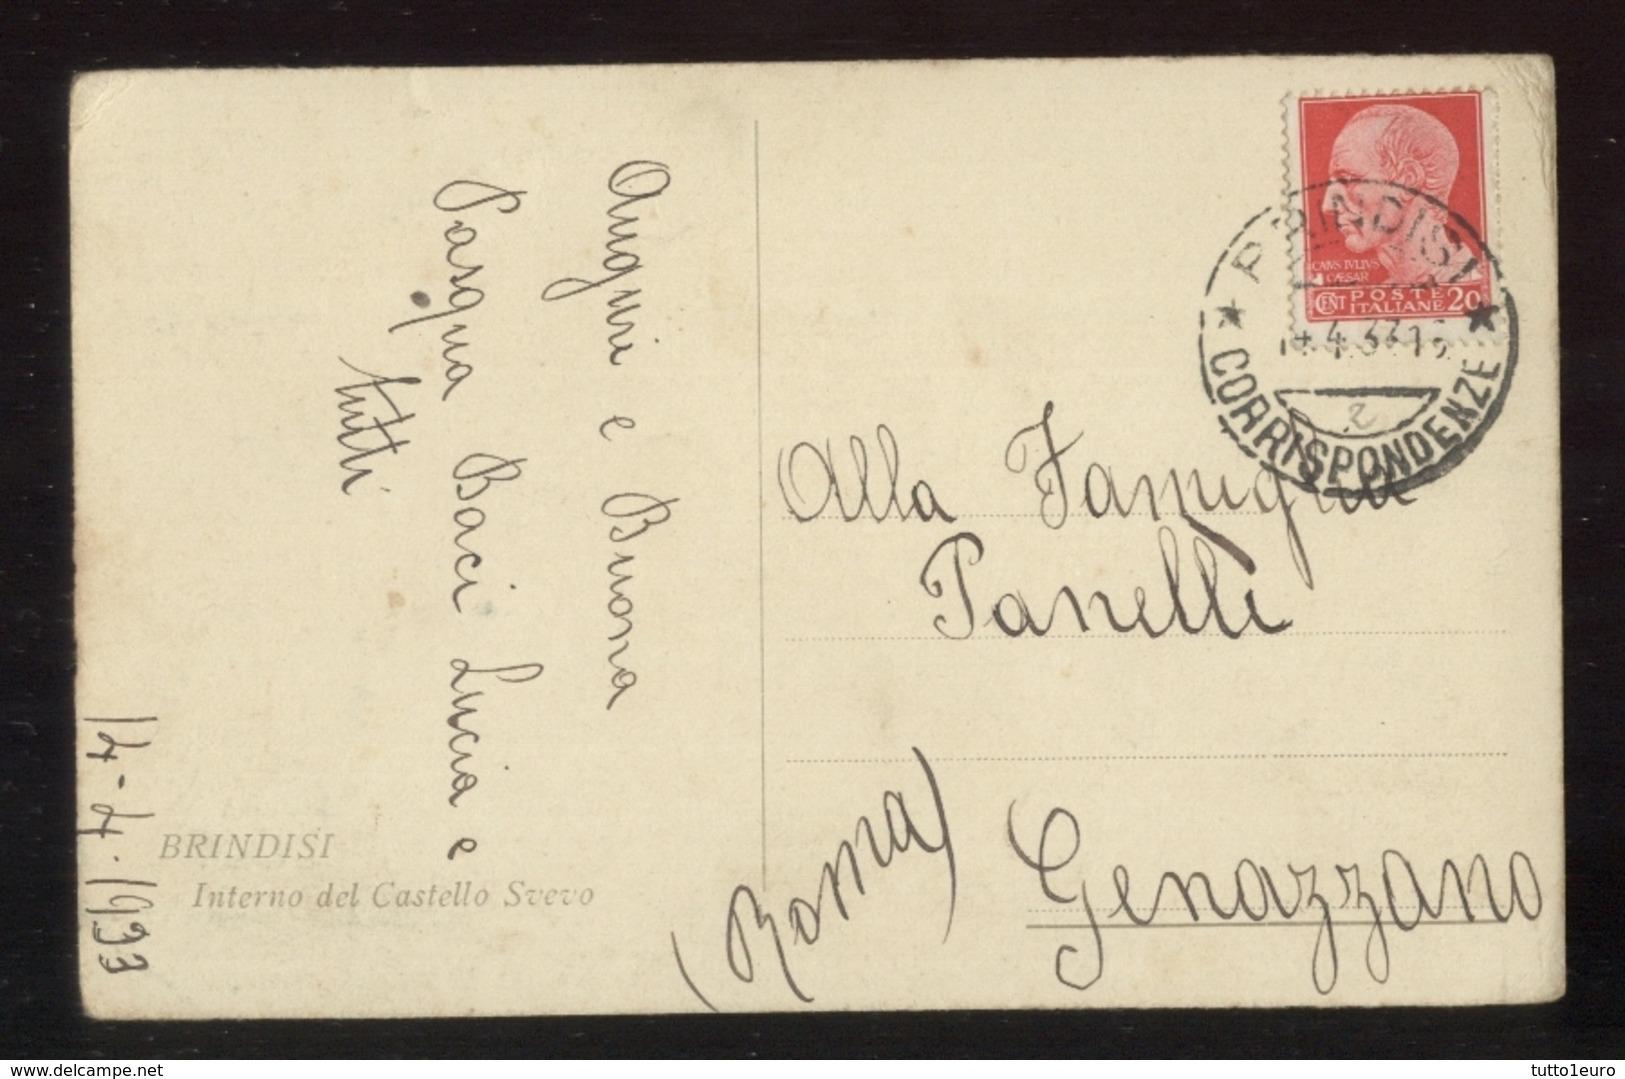 BRINDISI - 1933 - INTERNO DEL CASTELLO SVEVO - Brindisi